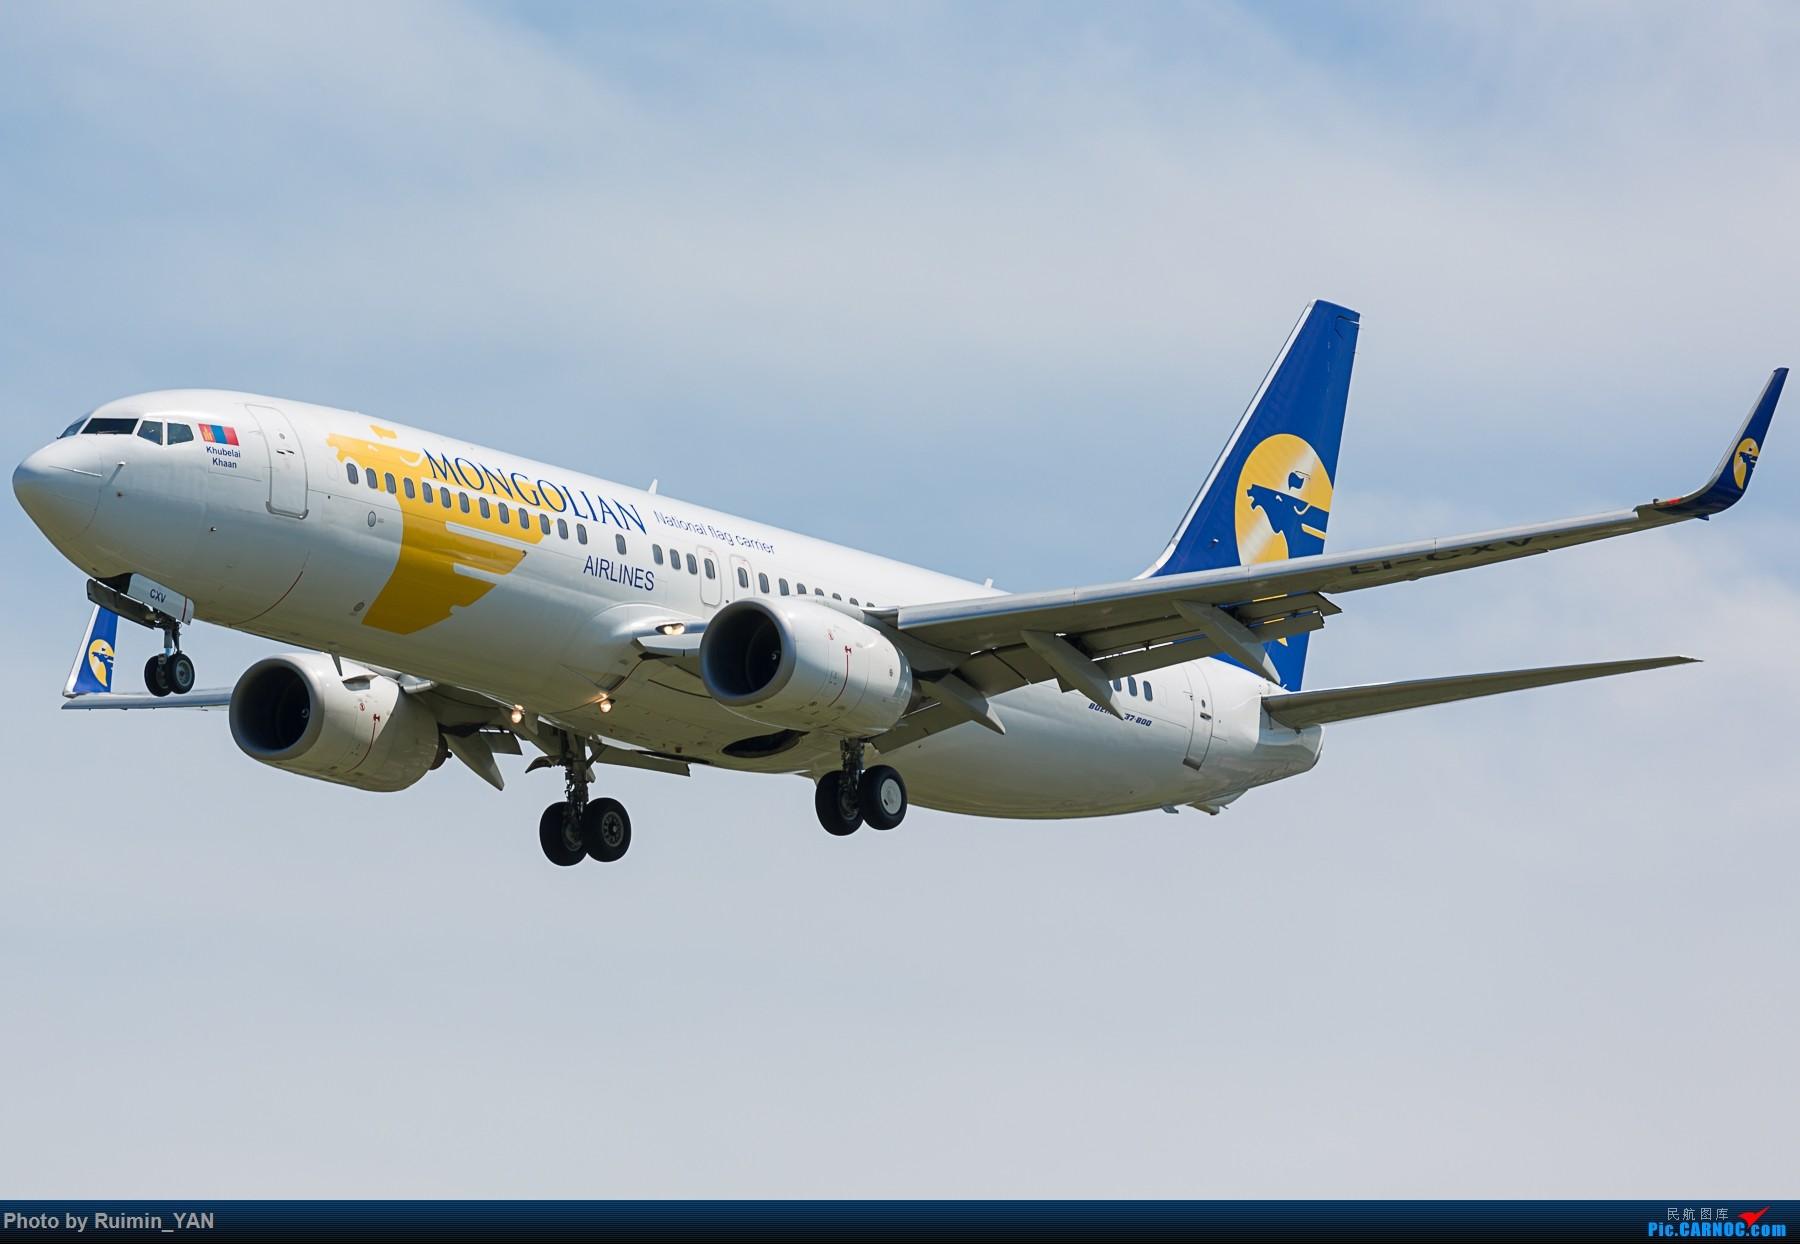 [原创]【PEK】【砖机】蒙古总统查希亚·额勒贝格道尔吉访华 蒙古航空(OM) 738 BOEING 737-800 EI-CXV 中国北京首都国际机场